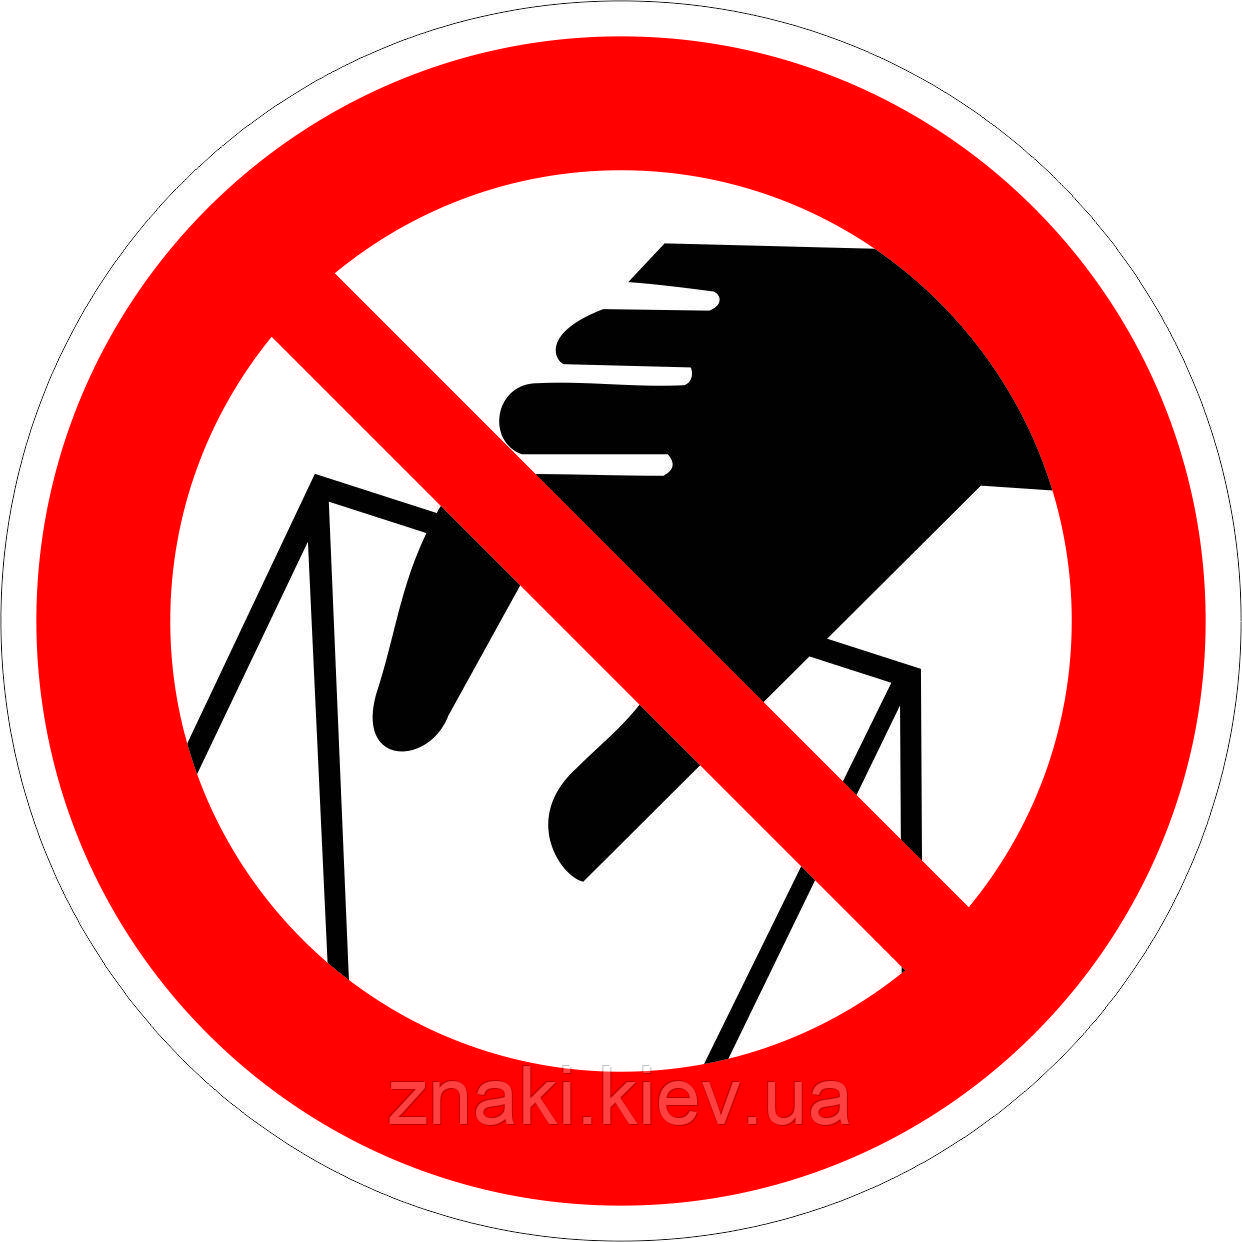 Брать руками запрещено. Сыпучая масса (непрочная упаковка)